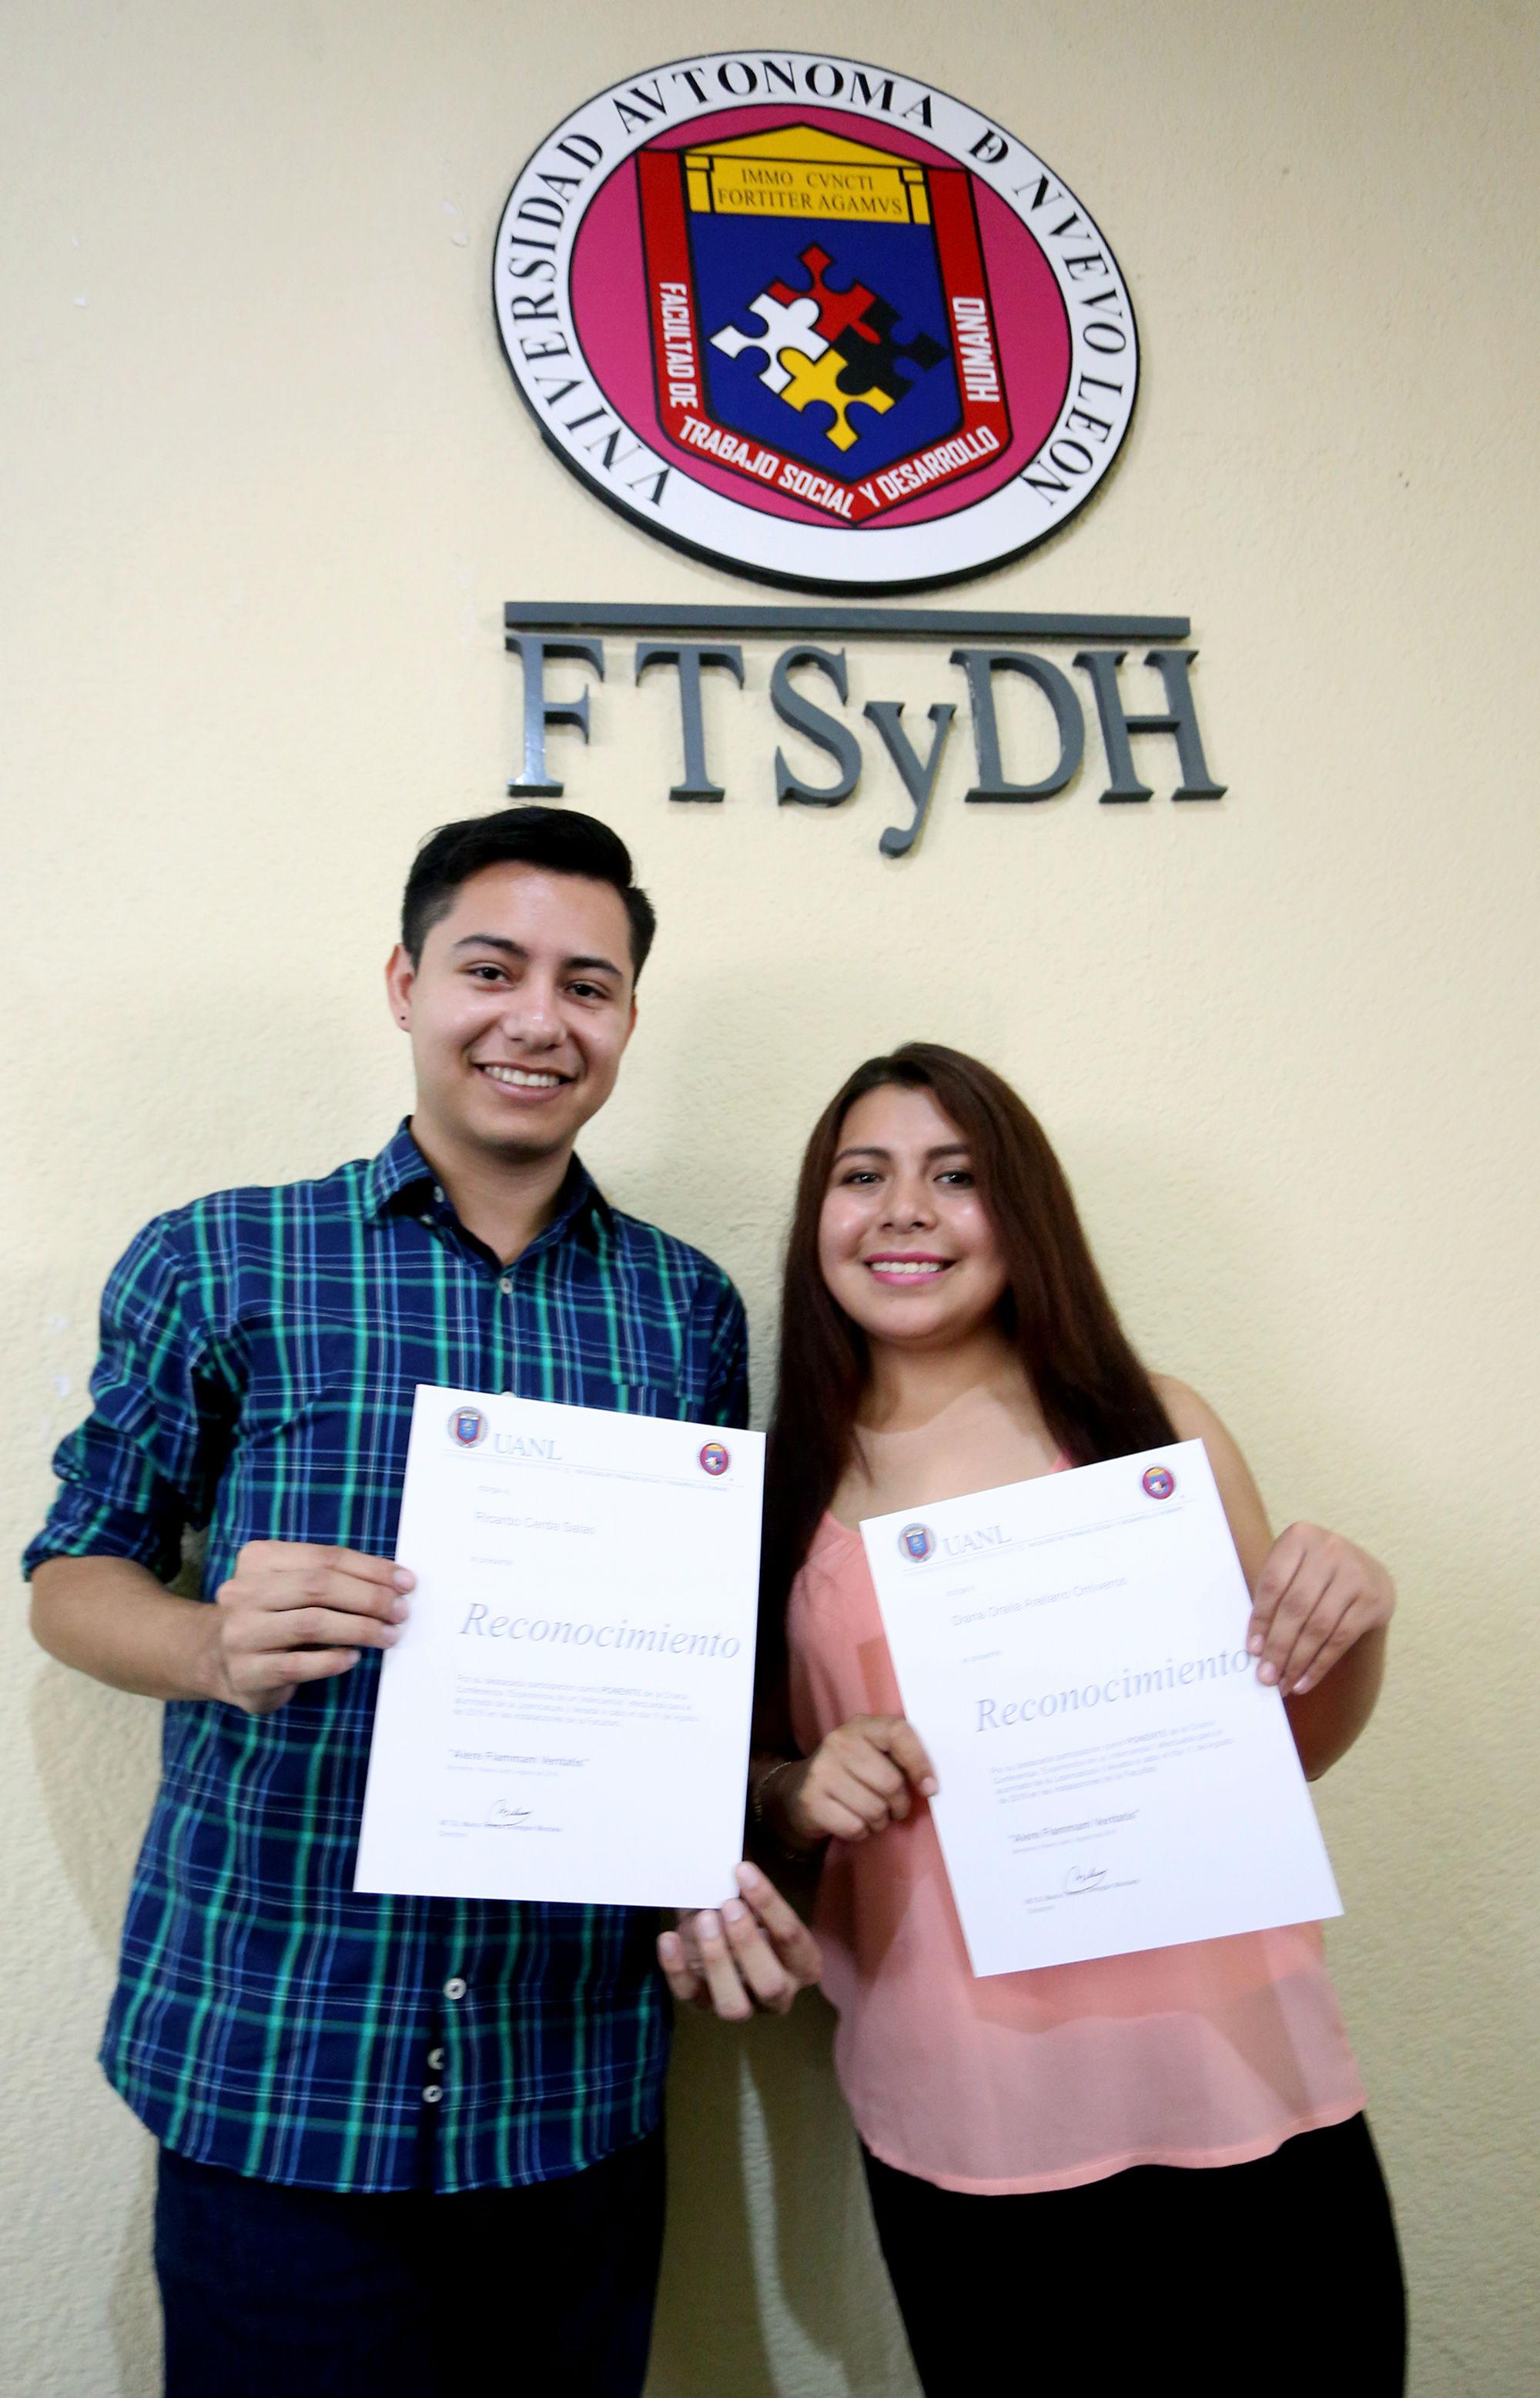 Los estudiantes de la Facultad de Trabajo Social y Derecho Humano recibieron un reconocimiento